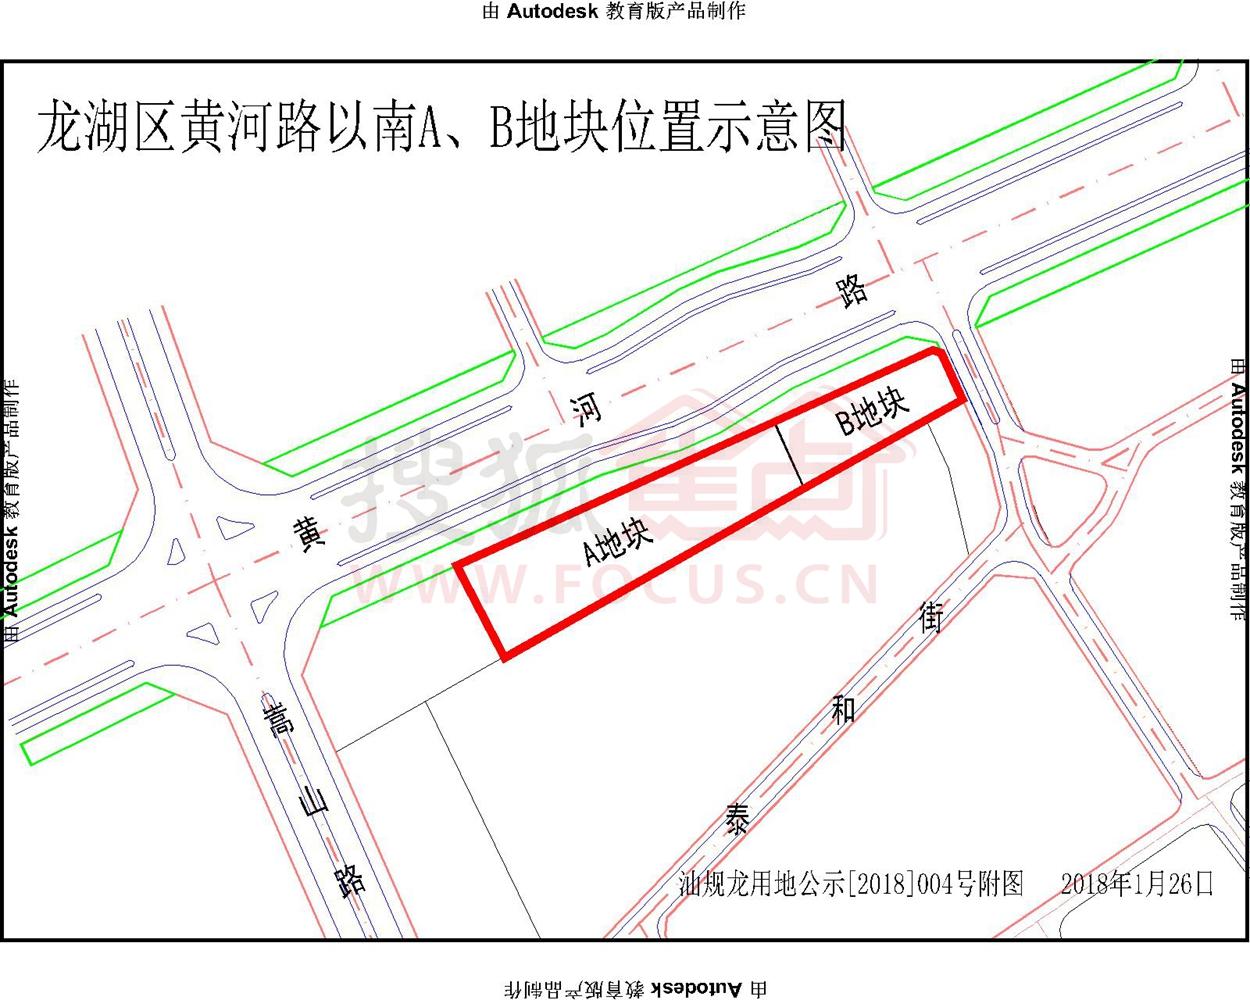 华福馨华轩临近两大商业综合体商圈 项目拟建4栋住宅实景邀赏